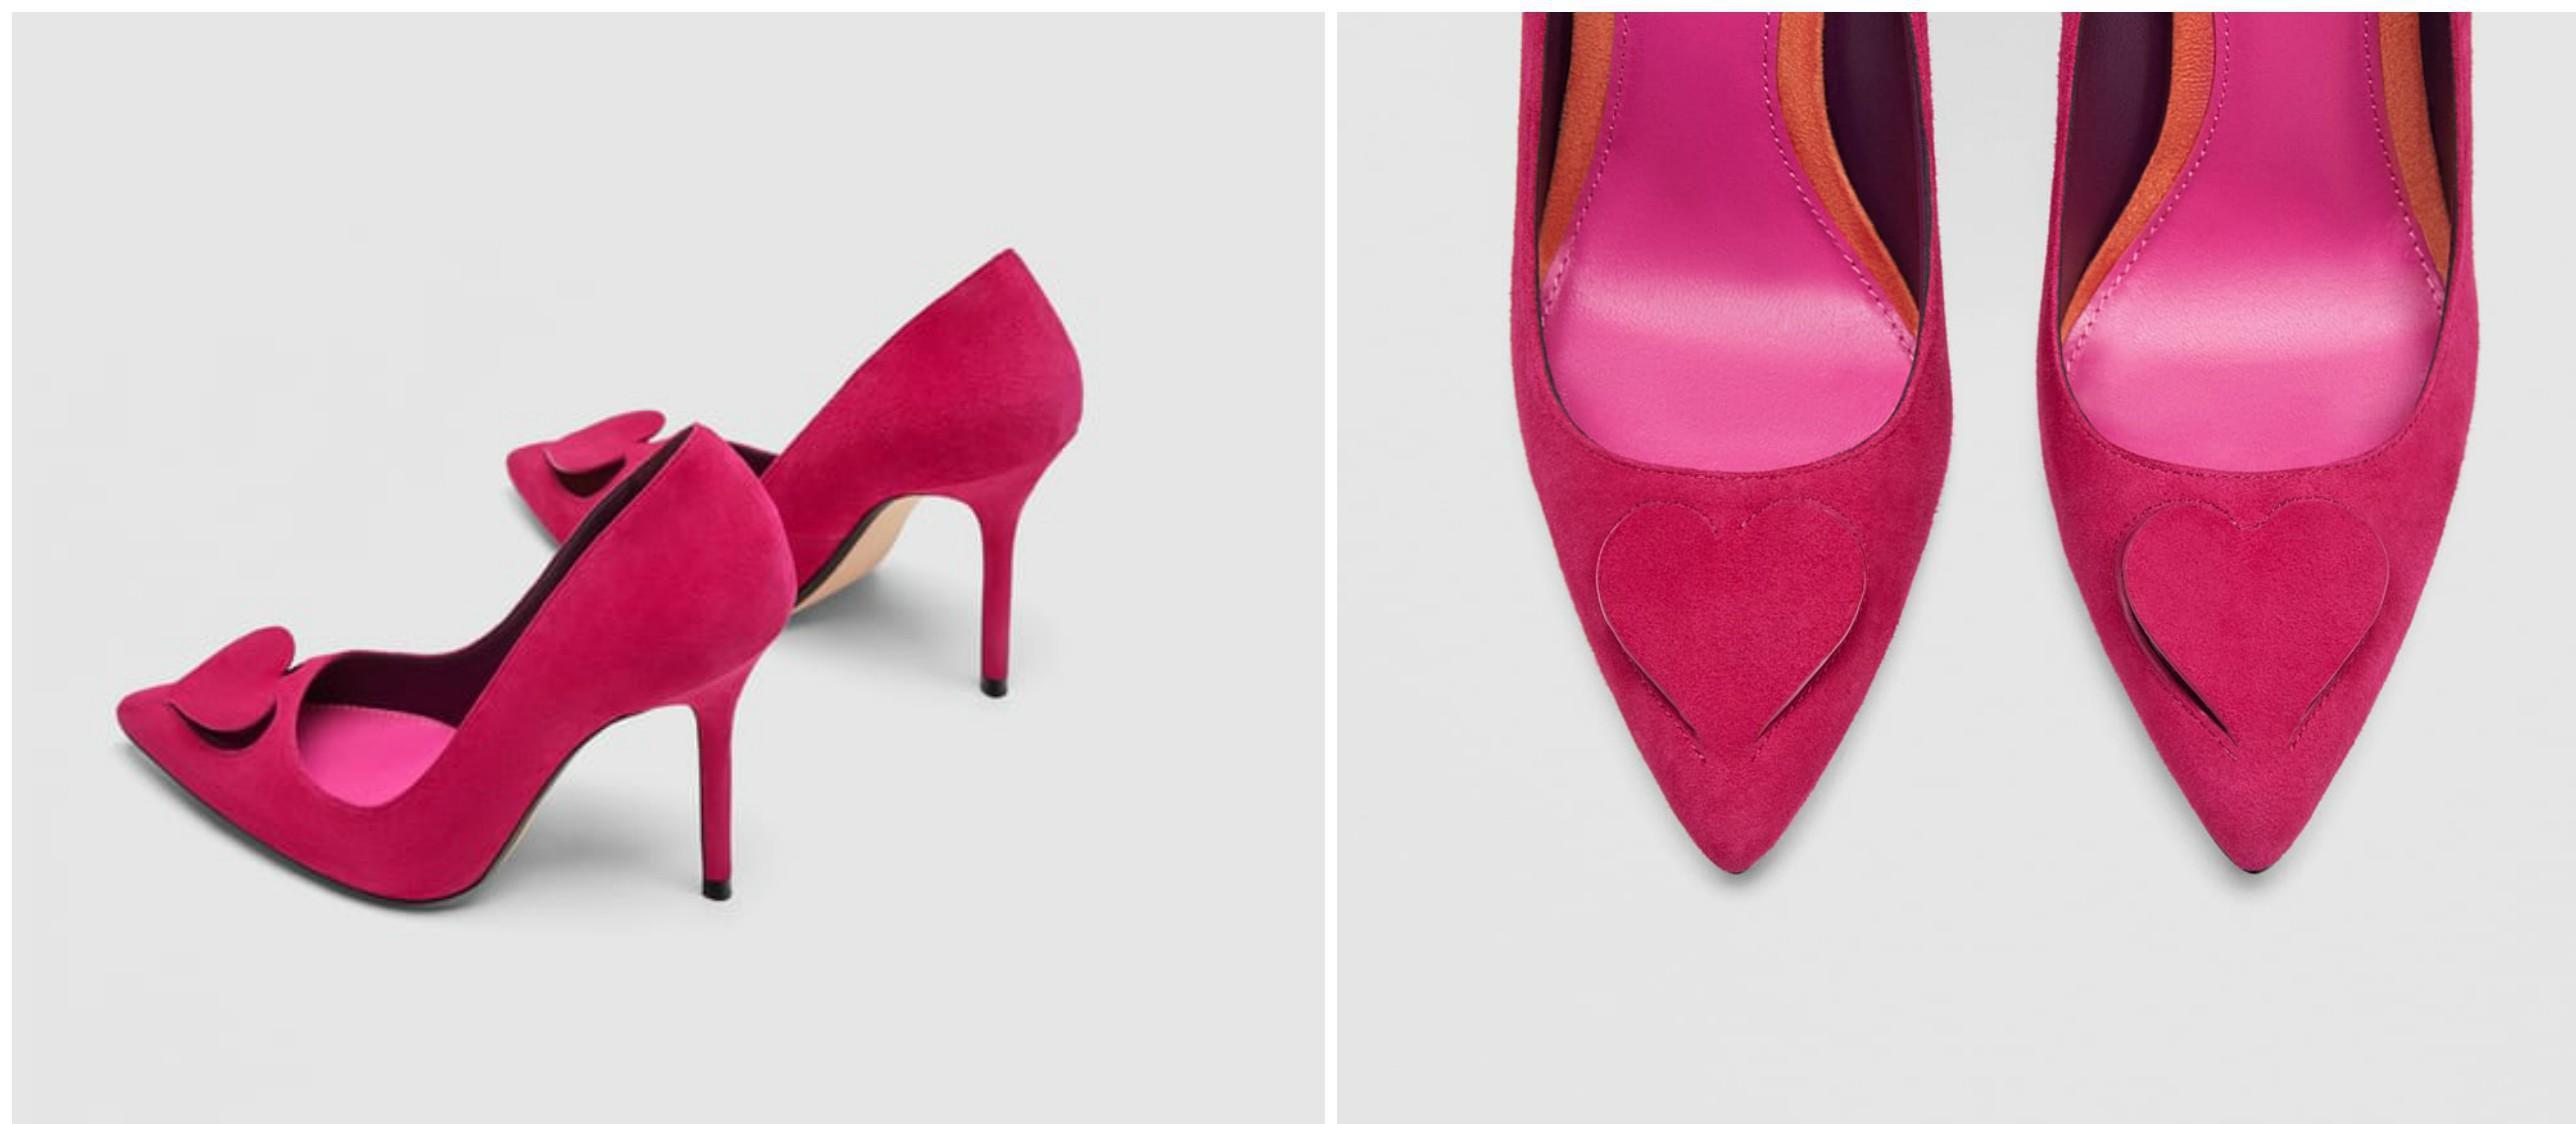 Ovo su cipele s kojima ovog Valentinova jednostavno nema greške!